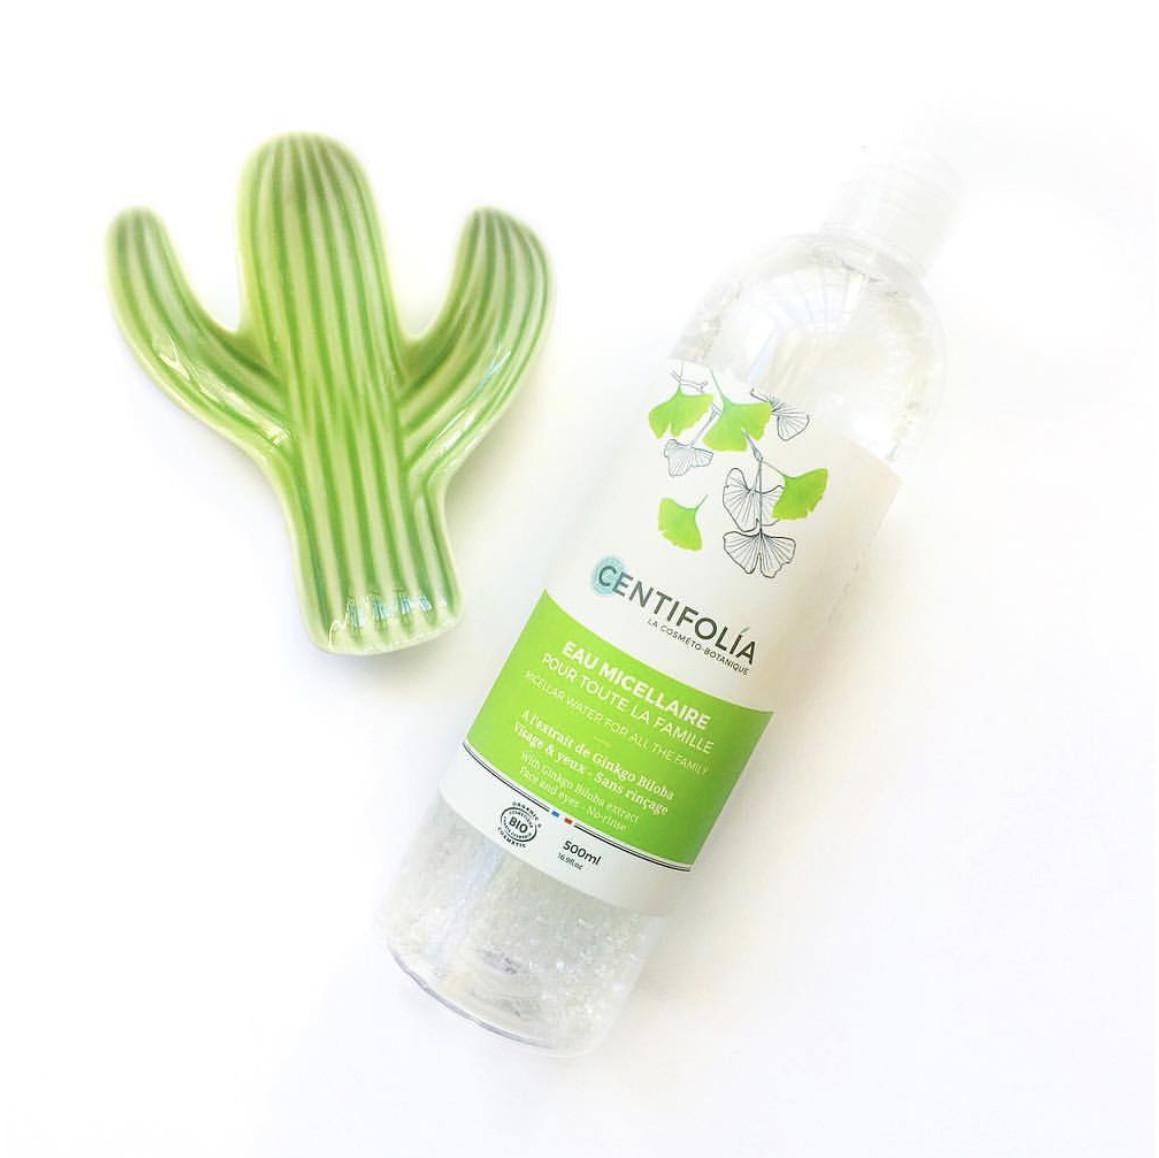 Nước tẩy trang Centifolia Eau Micellaire 500ml - Nước tẩy trang |  MyPhamTONA.com